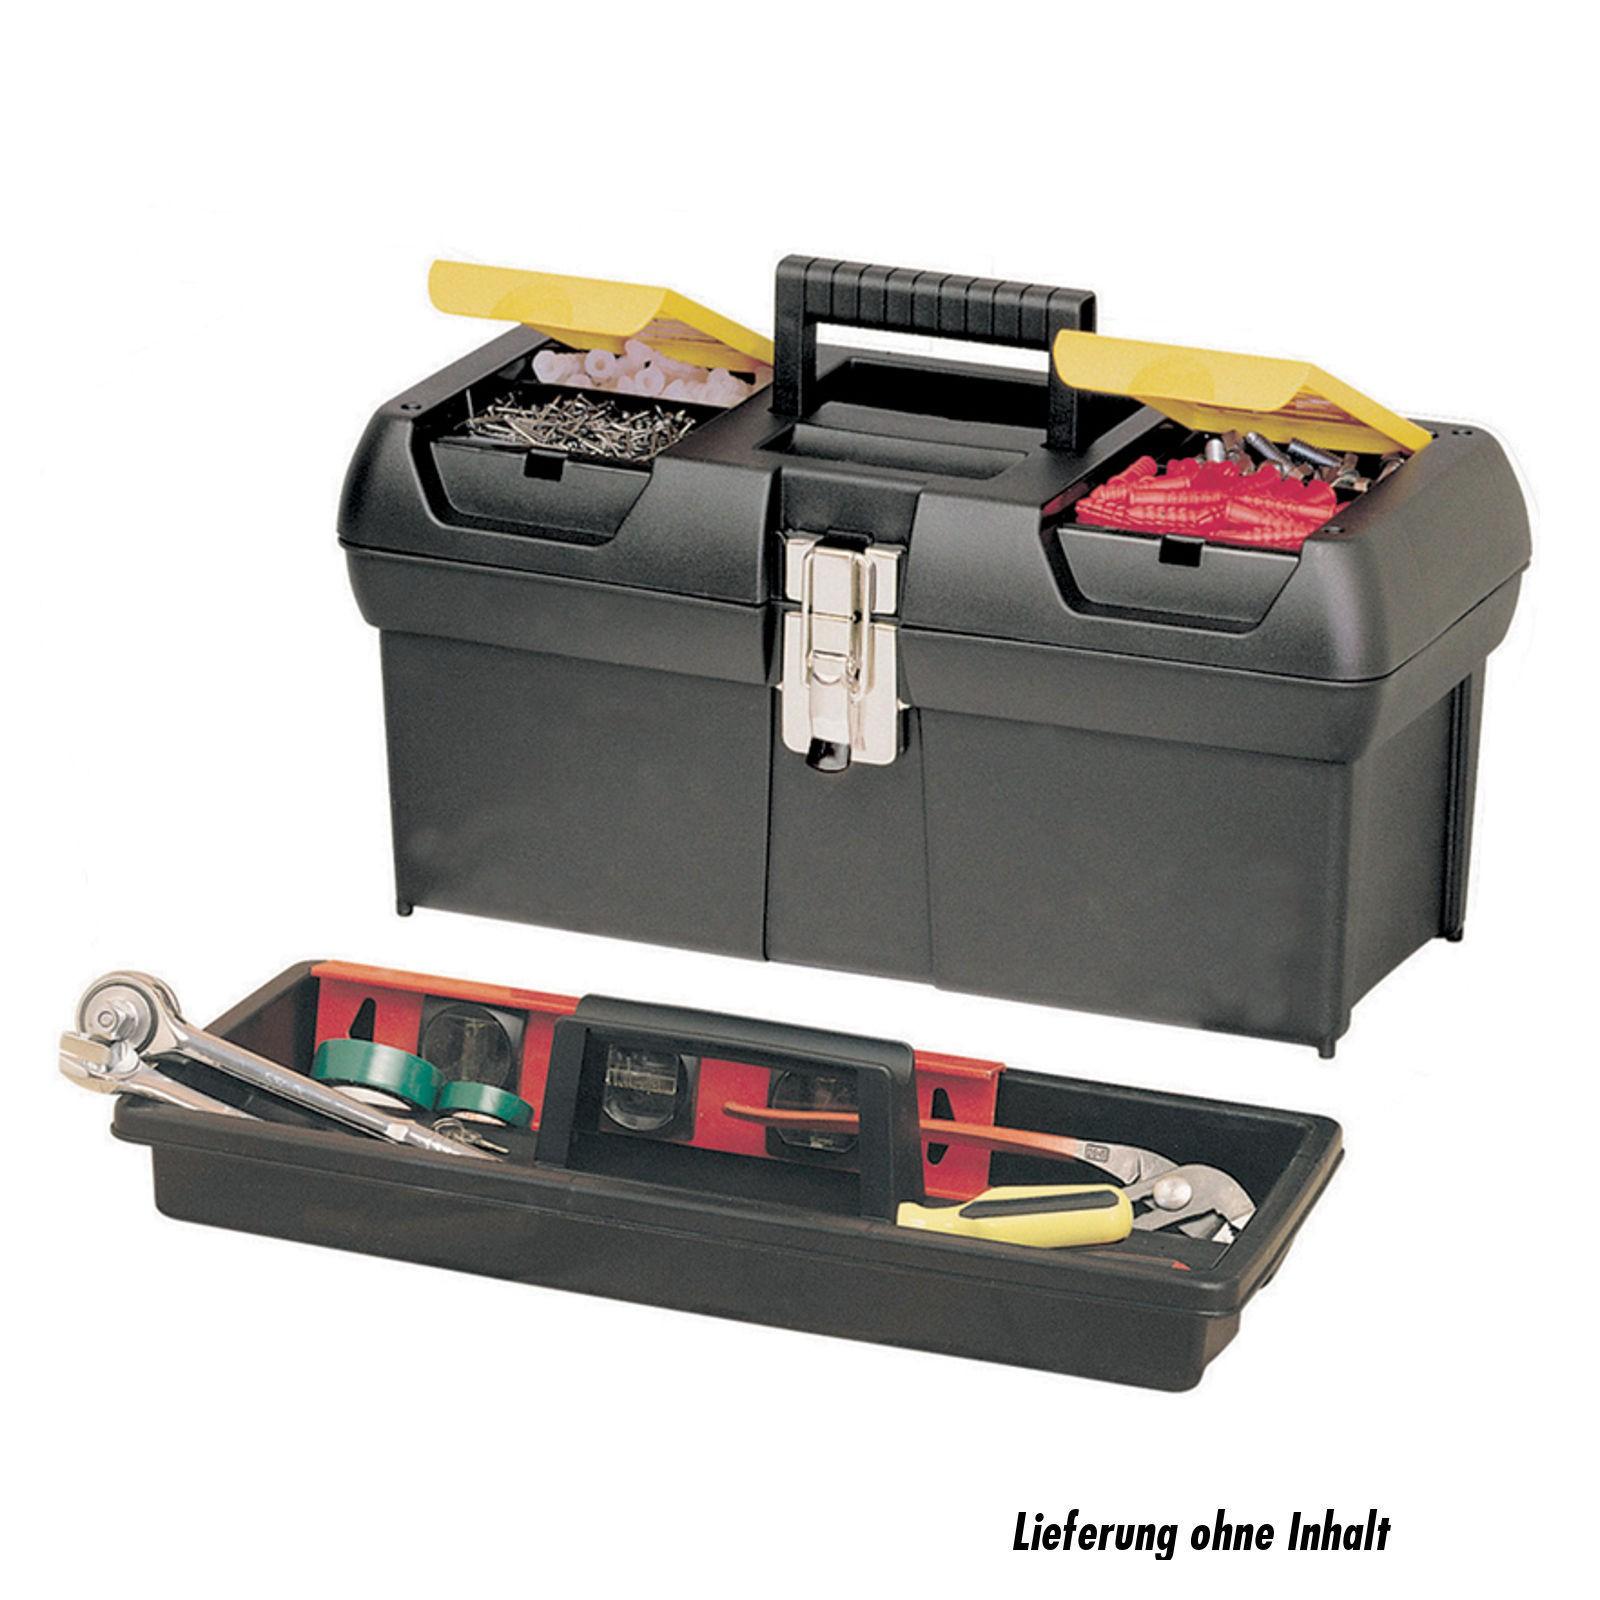 stanley 1 92 065 werkzeugbox millenium werkzeug zubeh r werkzeugkoffer taschen organizer. Black Bedroom Furniture Sets. Home Design Ideas